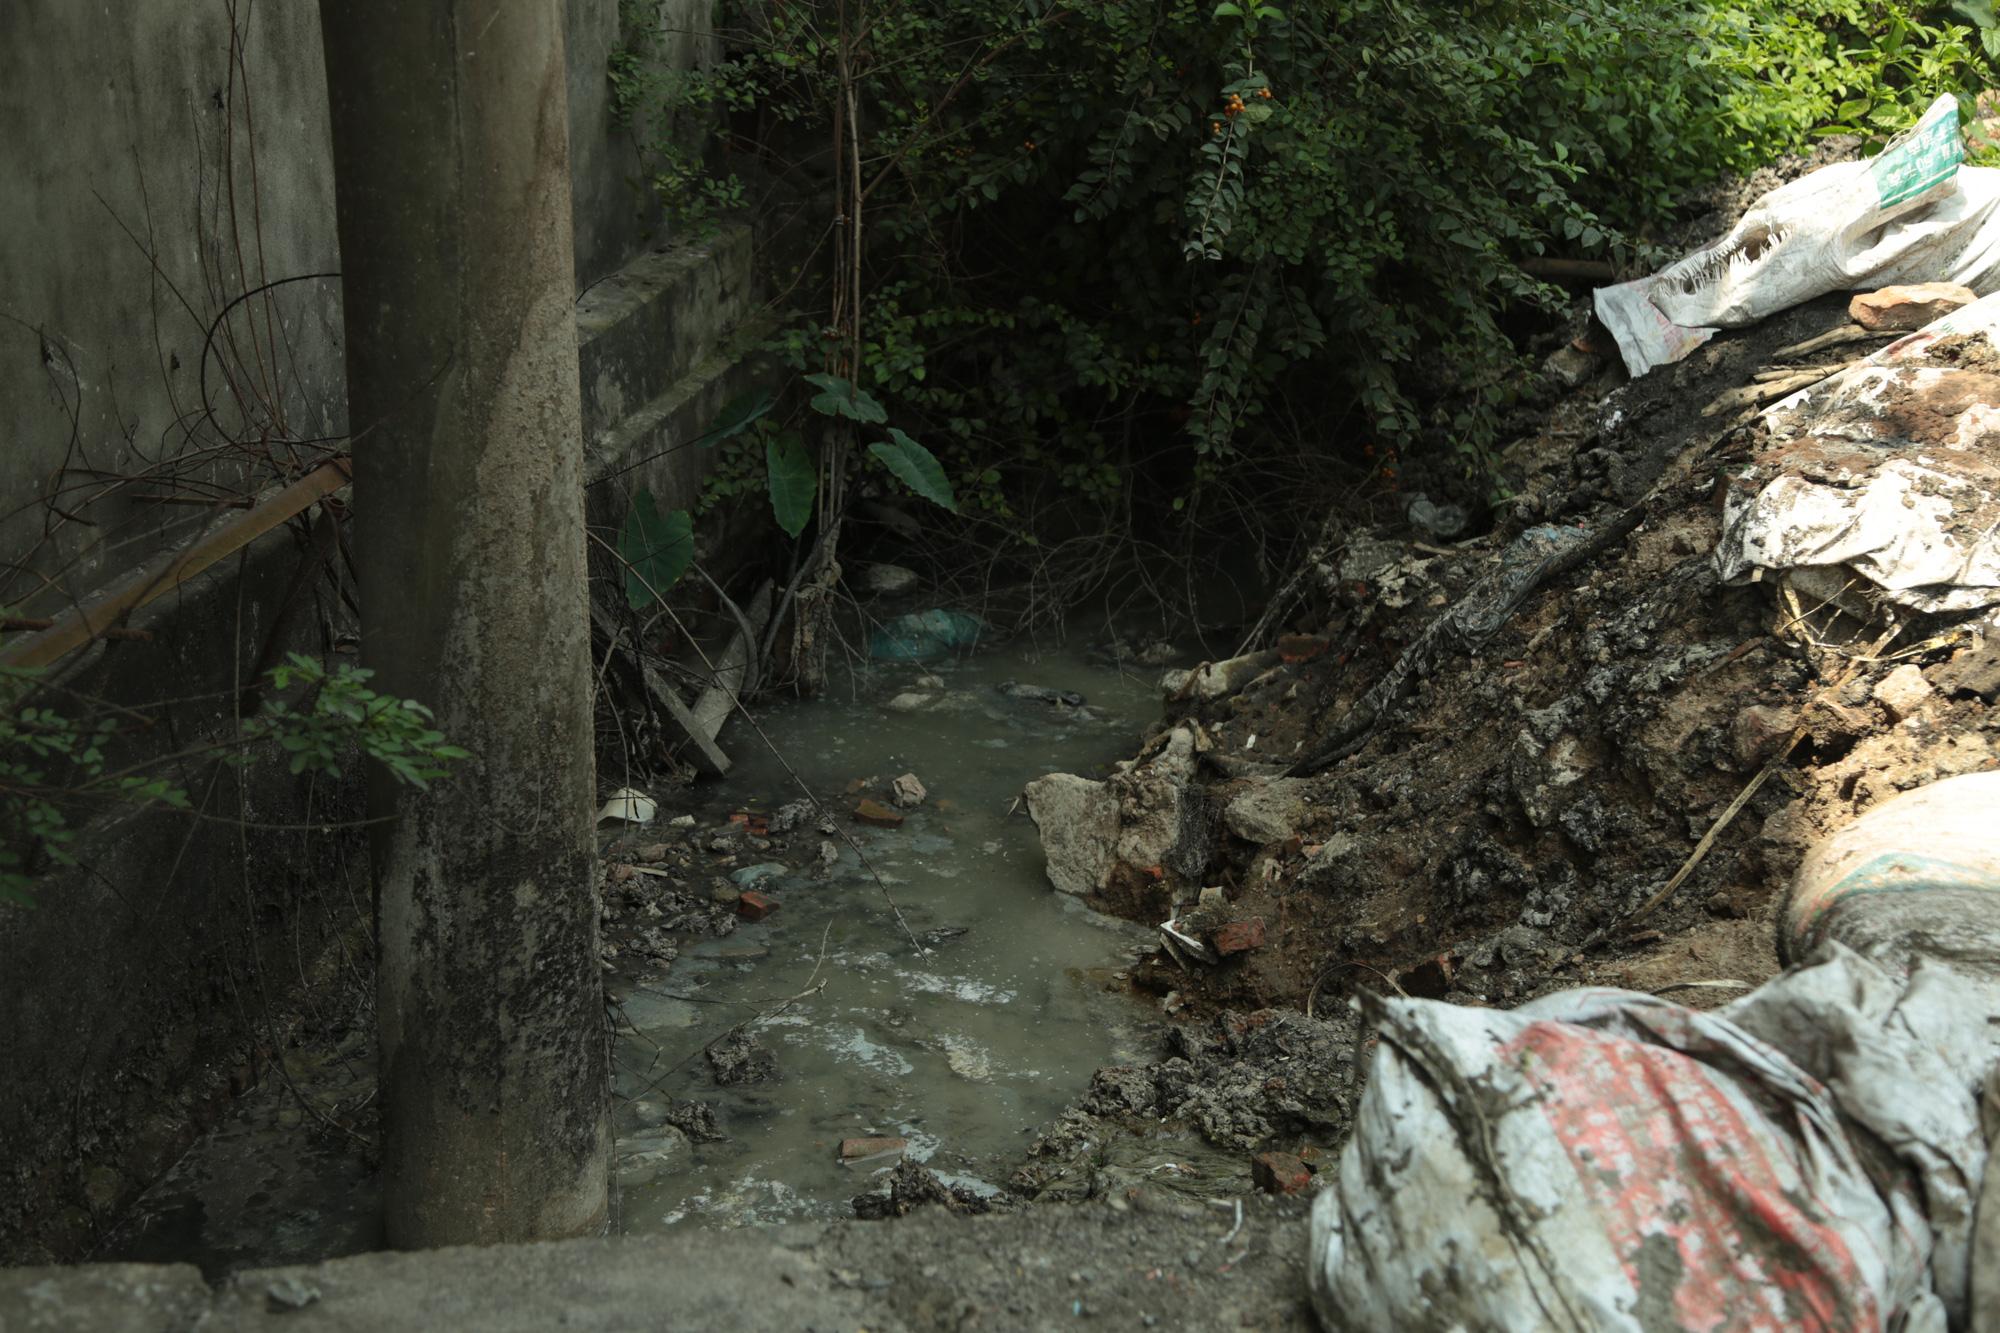 Cận cảnh tình trạng ô nhiễm khủng khiếp tại Hoài Đức, Hà Nội - Ảnh 9.